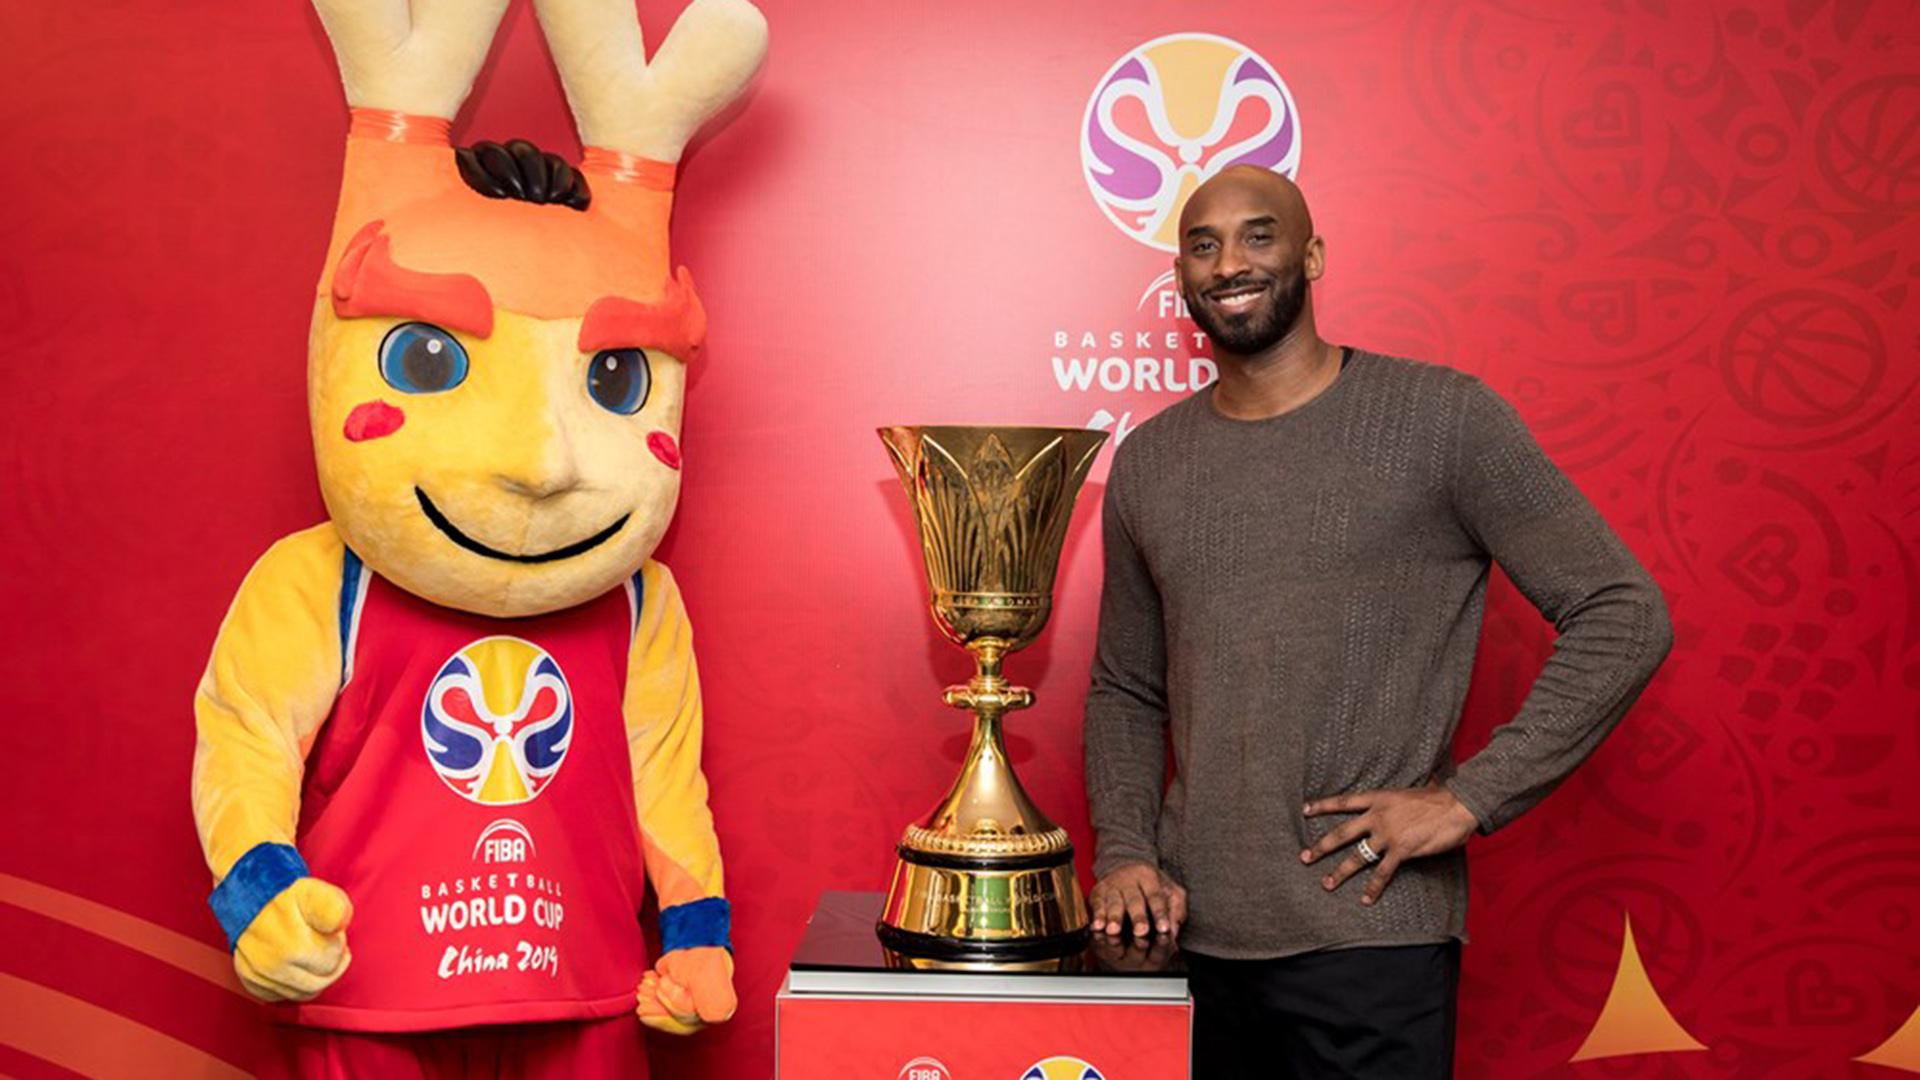 Kobe Bryant, cinco veces campeón de la NBA, es el embajador global del Mundial China 2019. (FIBA)